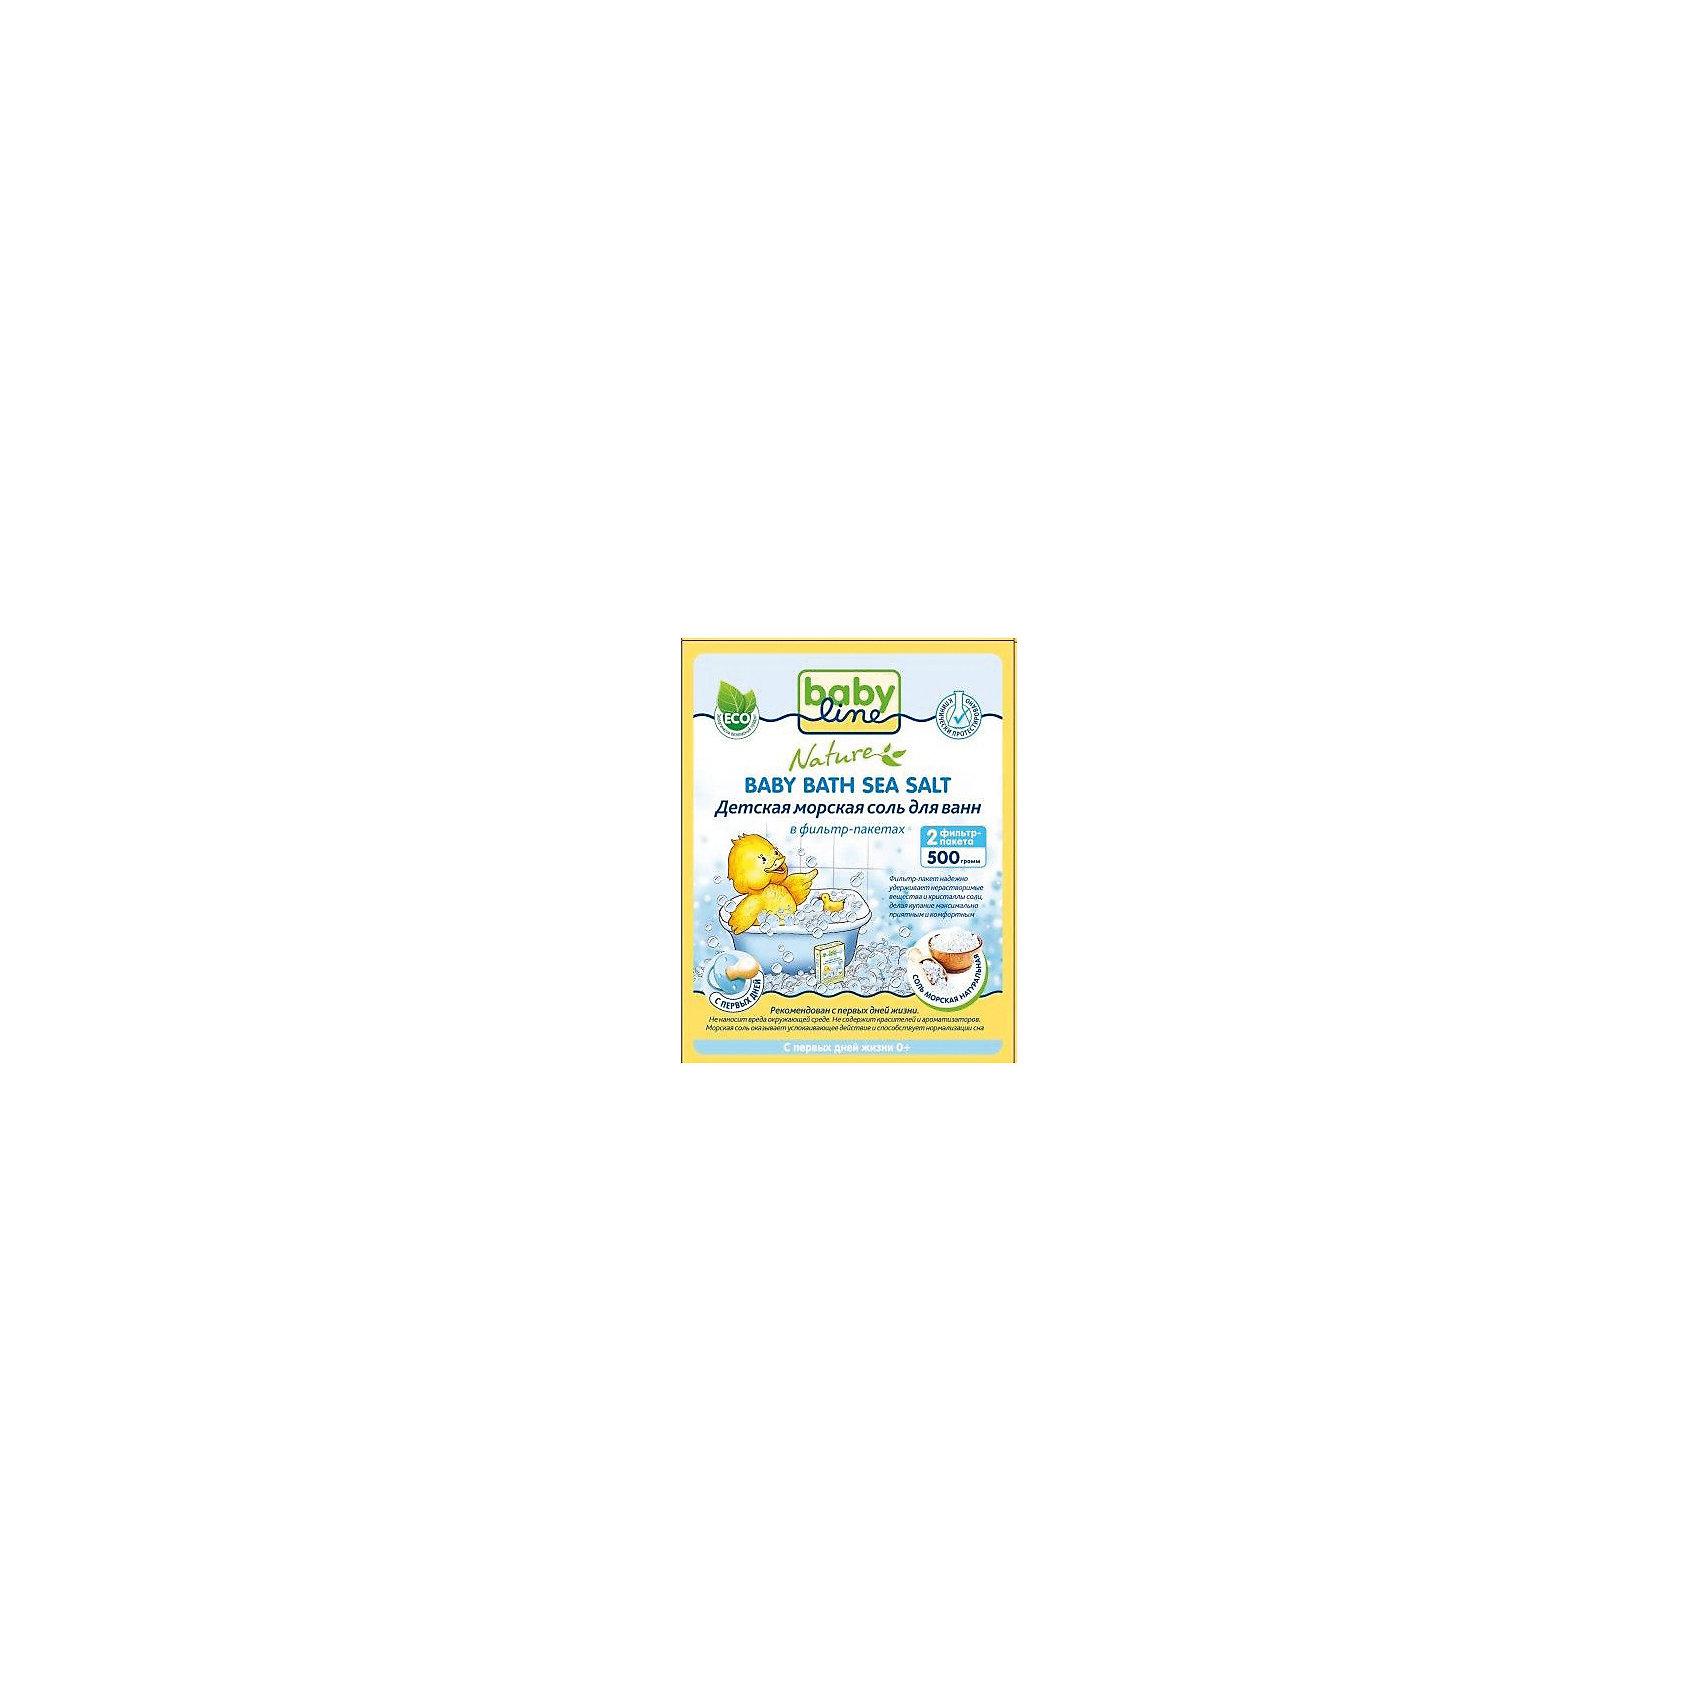 Babyline Детская морская соль для ванн, Babyline, 500 гр. соль для ванн малавит флора берёза 500 г